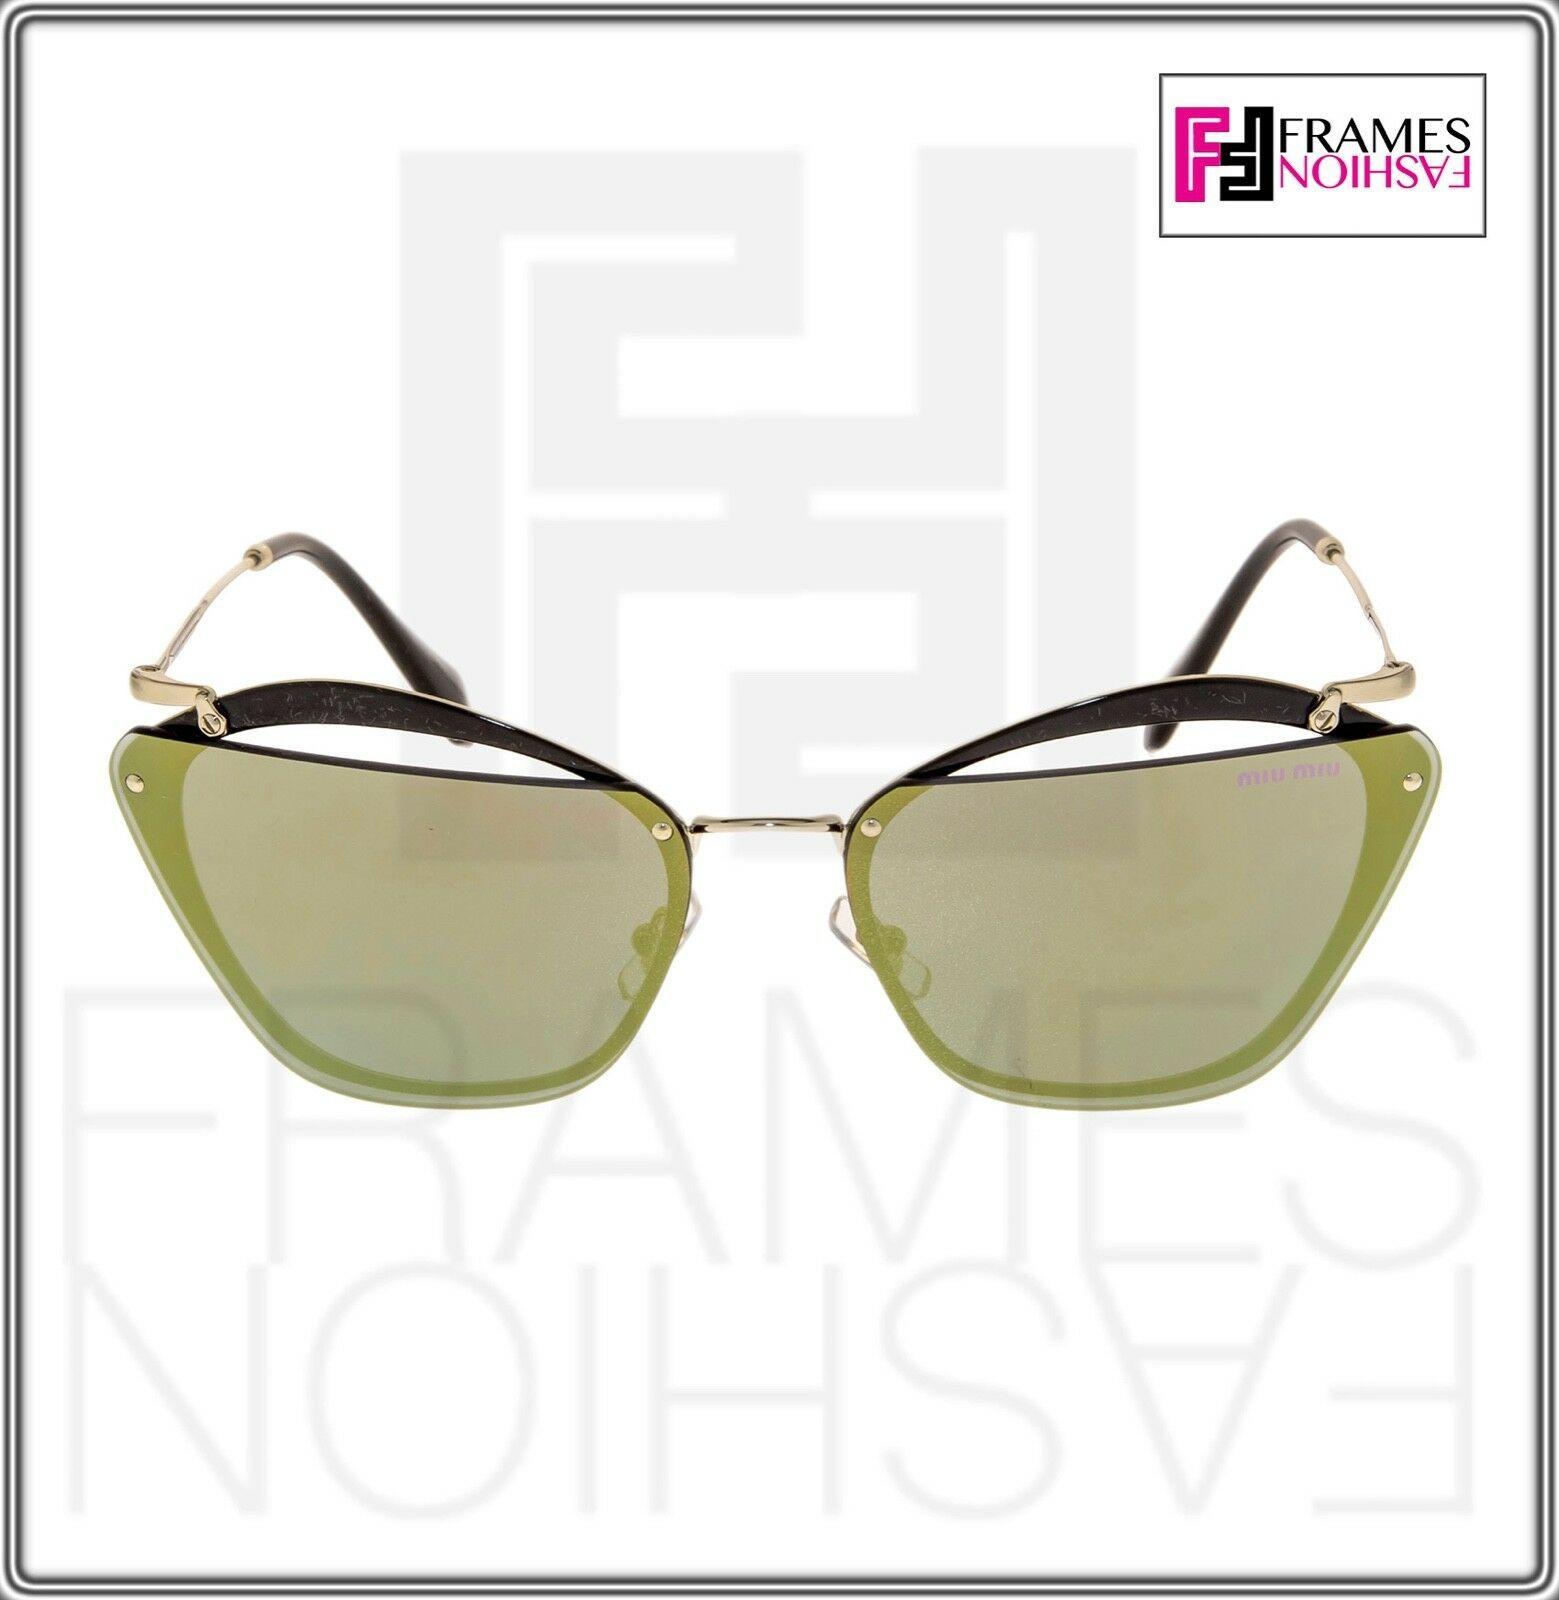 MIU MIU NOIR Cut Out 54T Black Gold Emerald Mirrored Oversized Sunglasses MU54TS